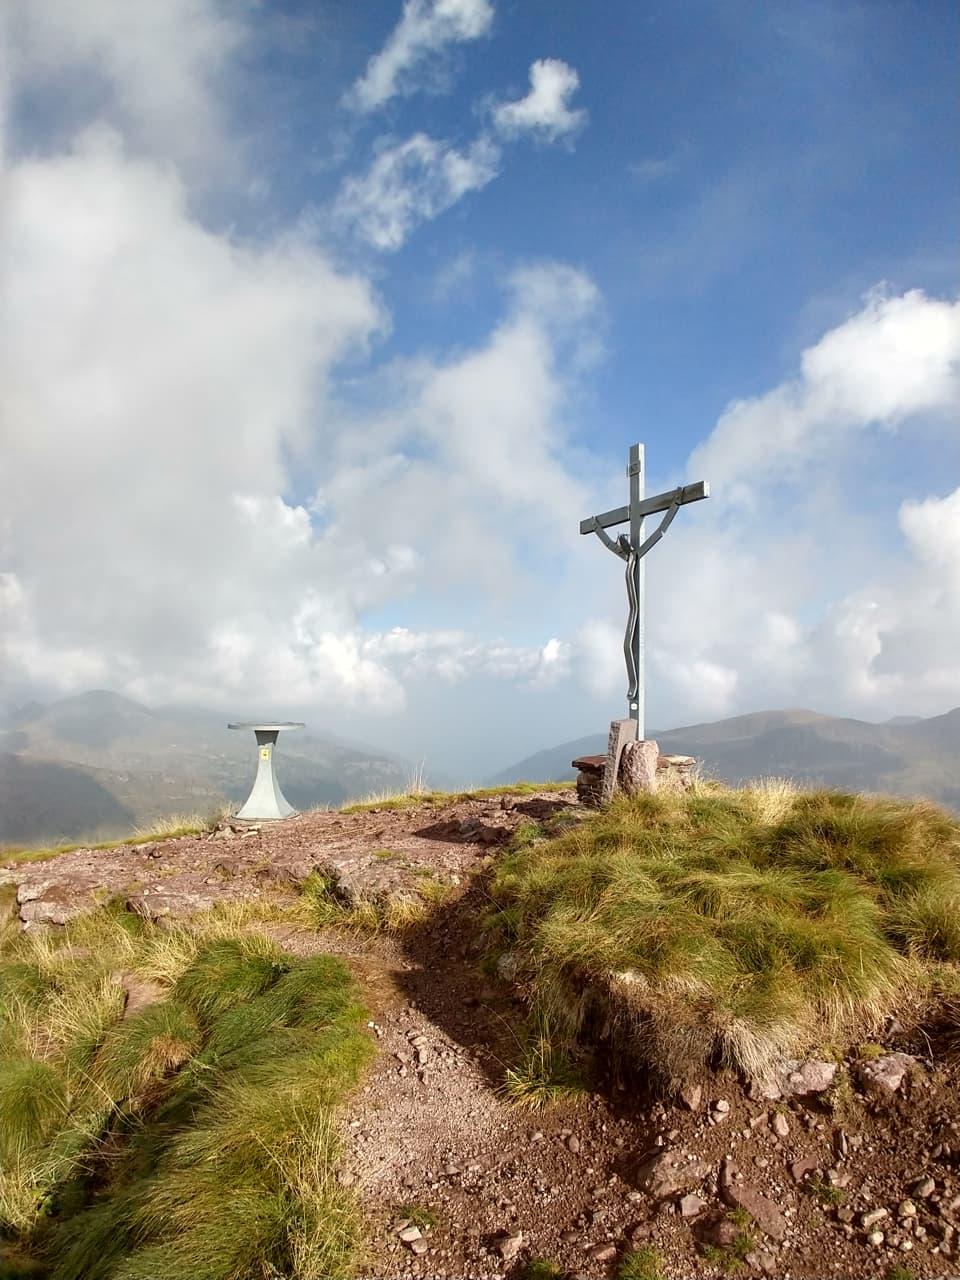 Ad attendermi l'immancabile Croce in metallo e qualche nuvola di troppo, il tempo purtroppo sta peggiorando